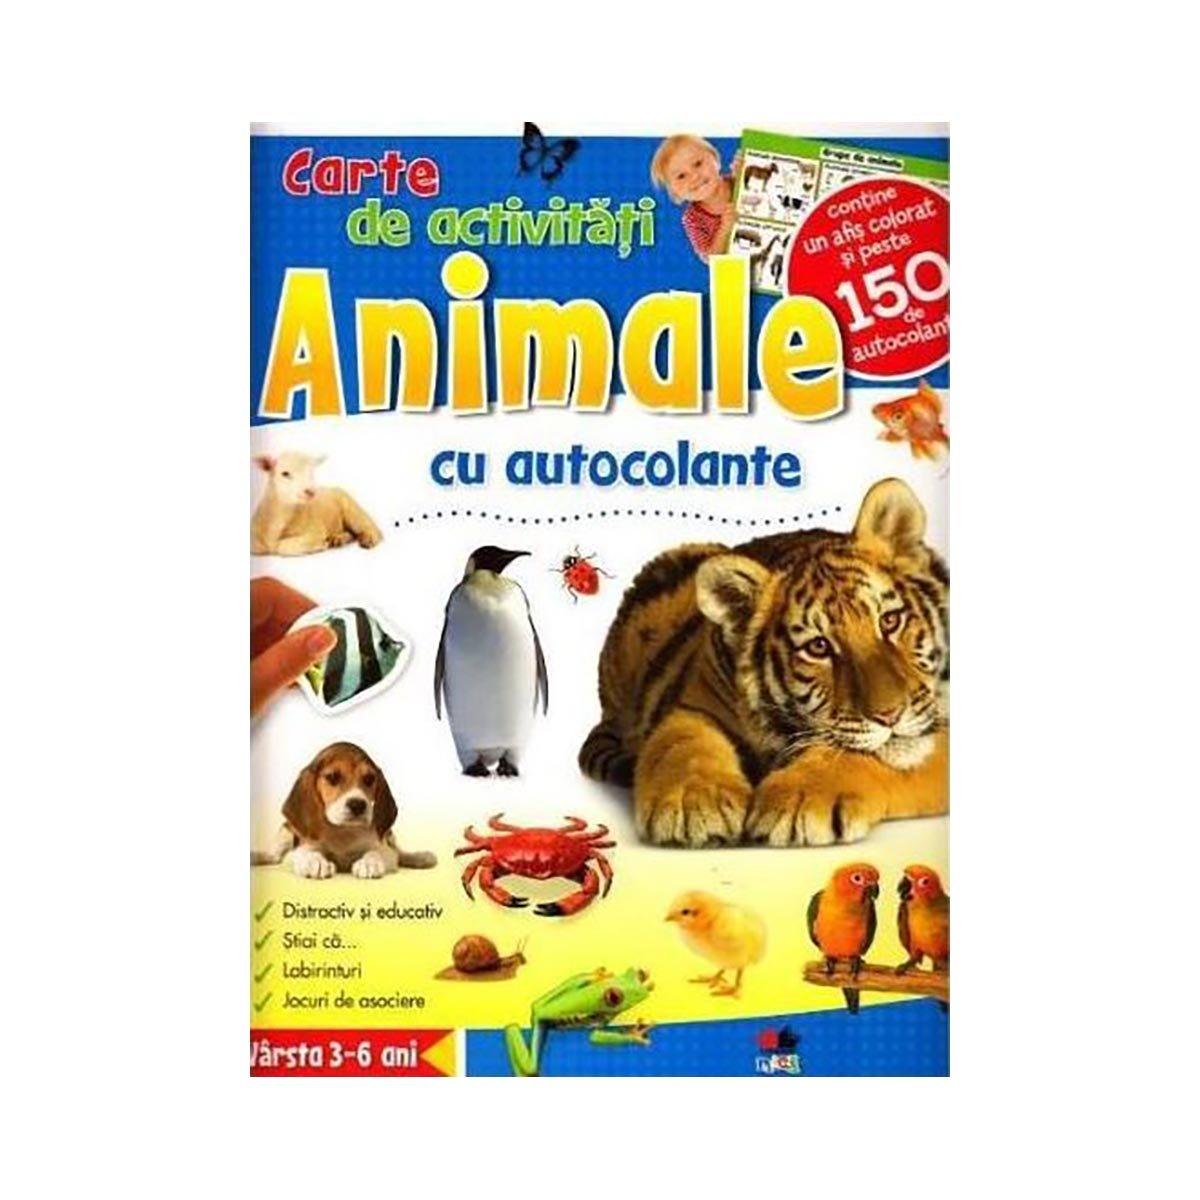 Carte de activitati cu autocolante Editura Litera, Animale